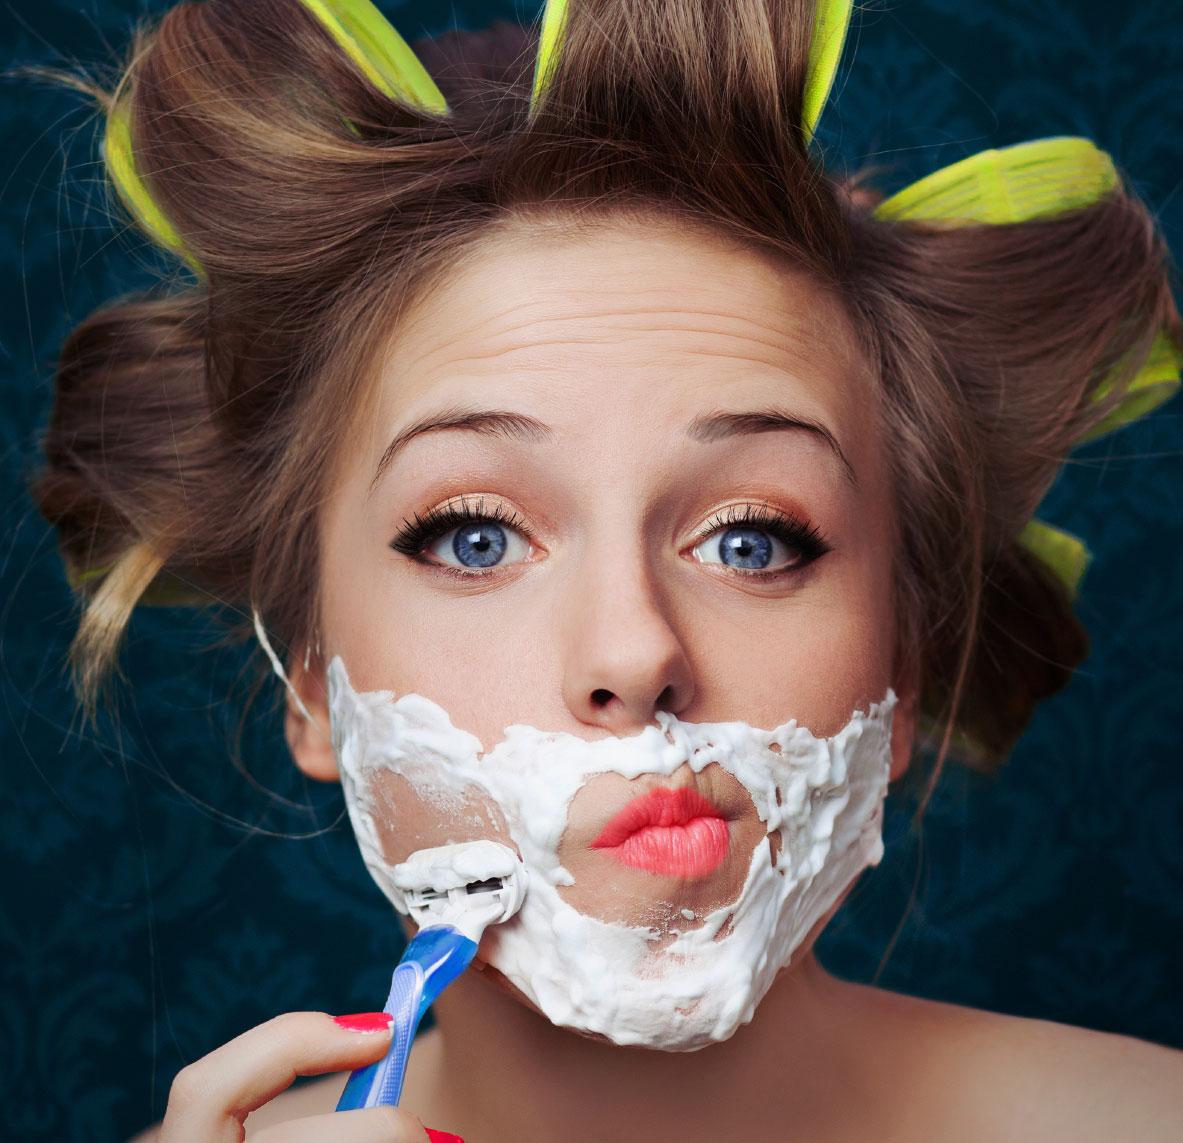 Con gái có nên cạo tẩy lông mặt không